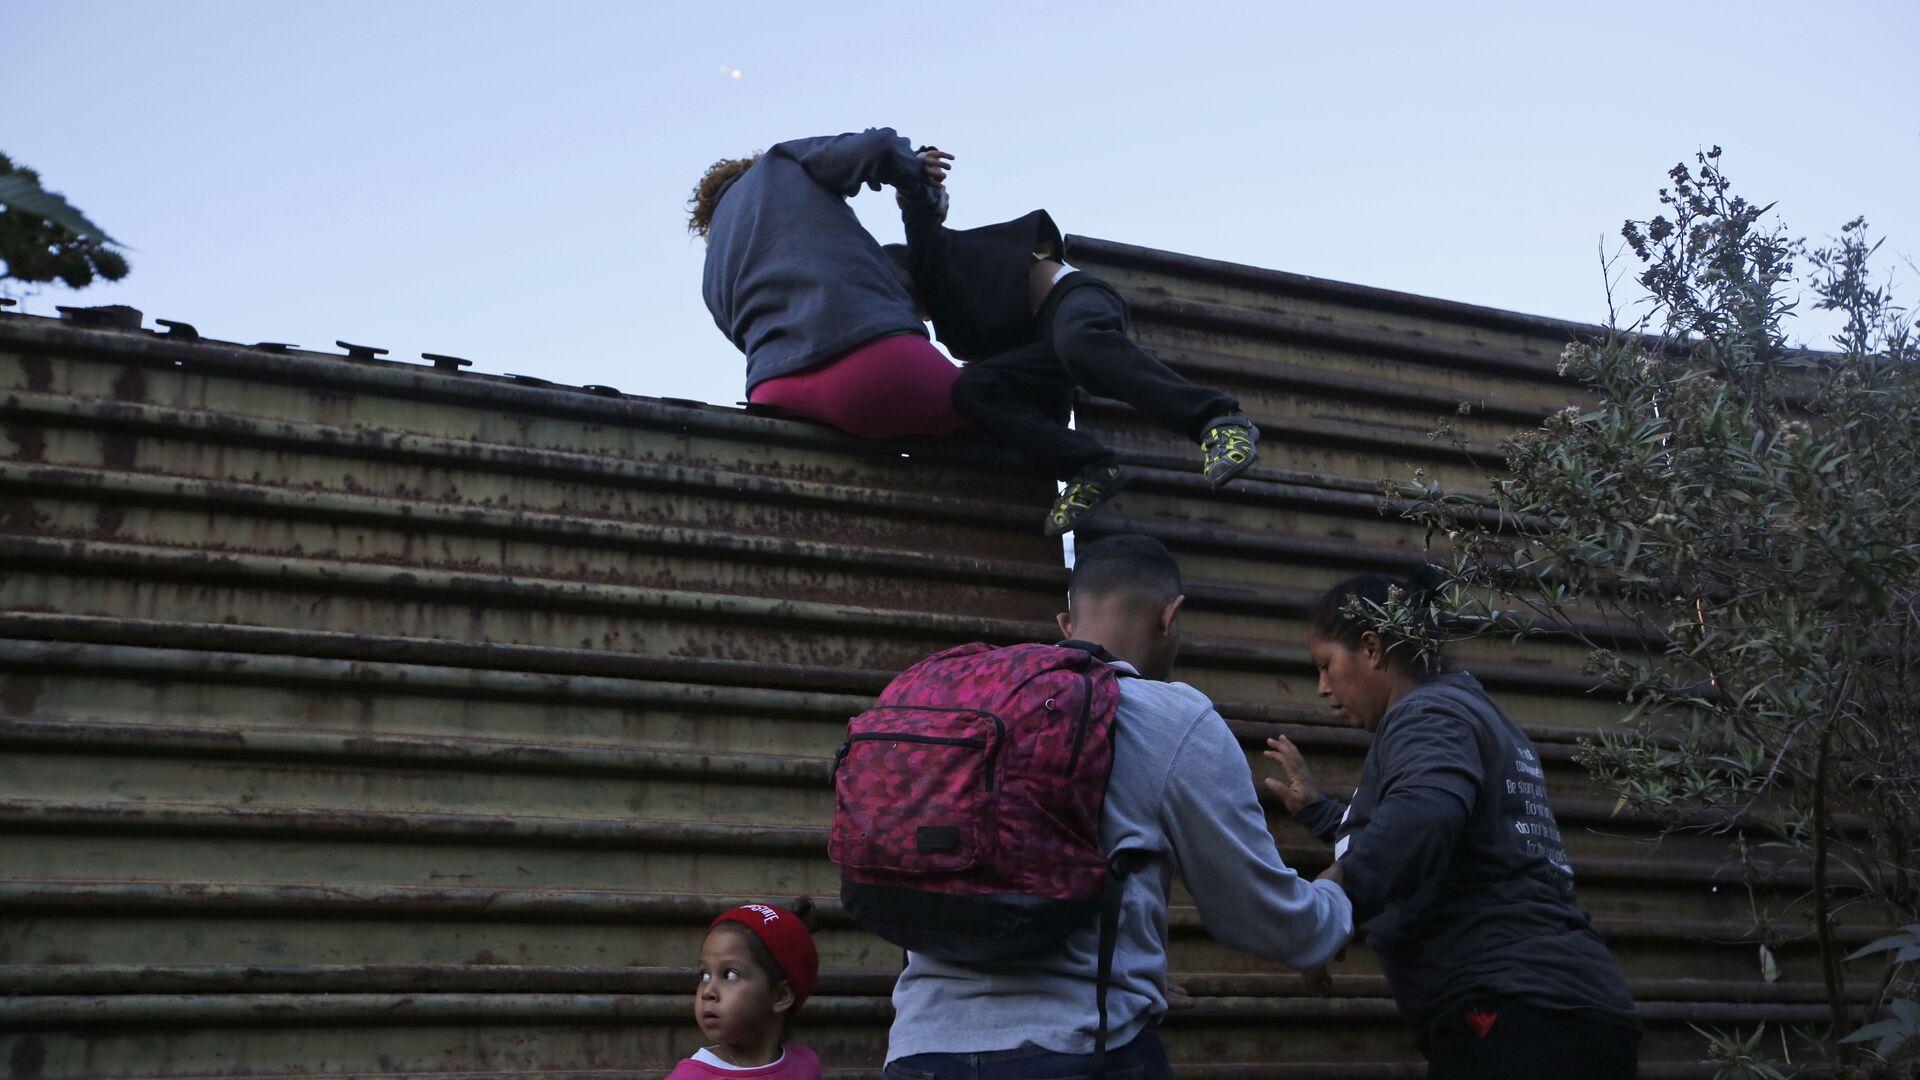 Migranci przechodzą przez mur na granicy USA i Meksyku - Sputnik Polska, 1920, 06.08.2021